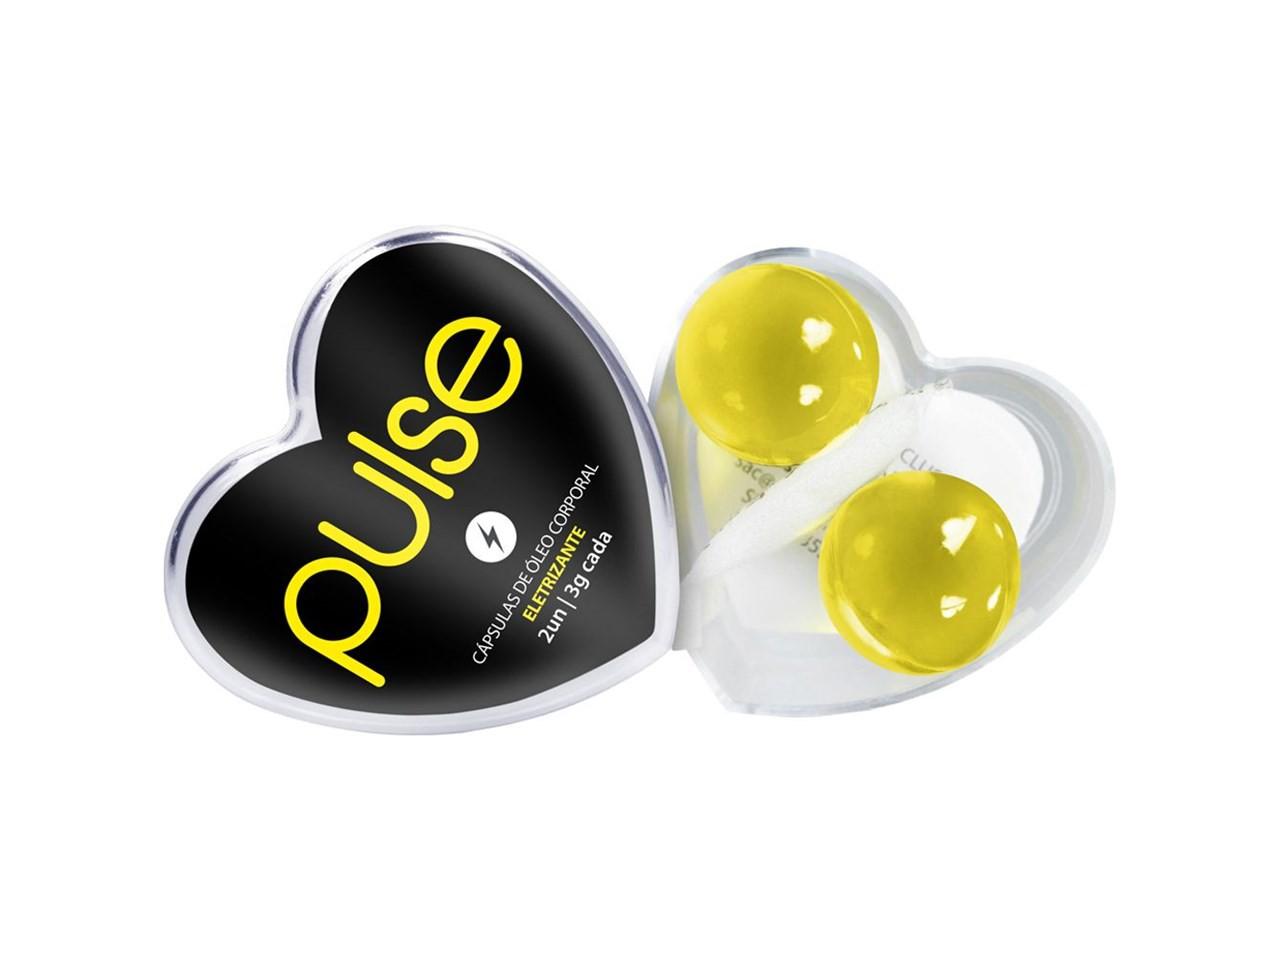 Bolinha Pulse Eletrizante com 2 unidades